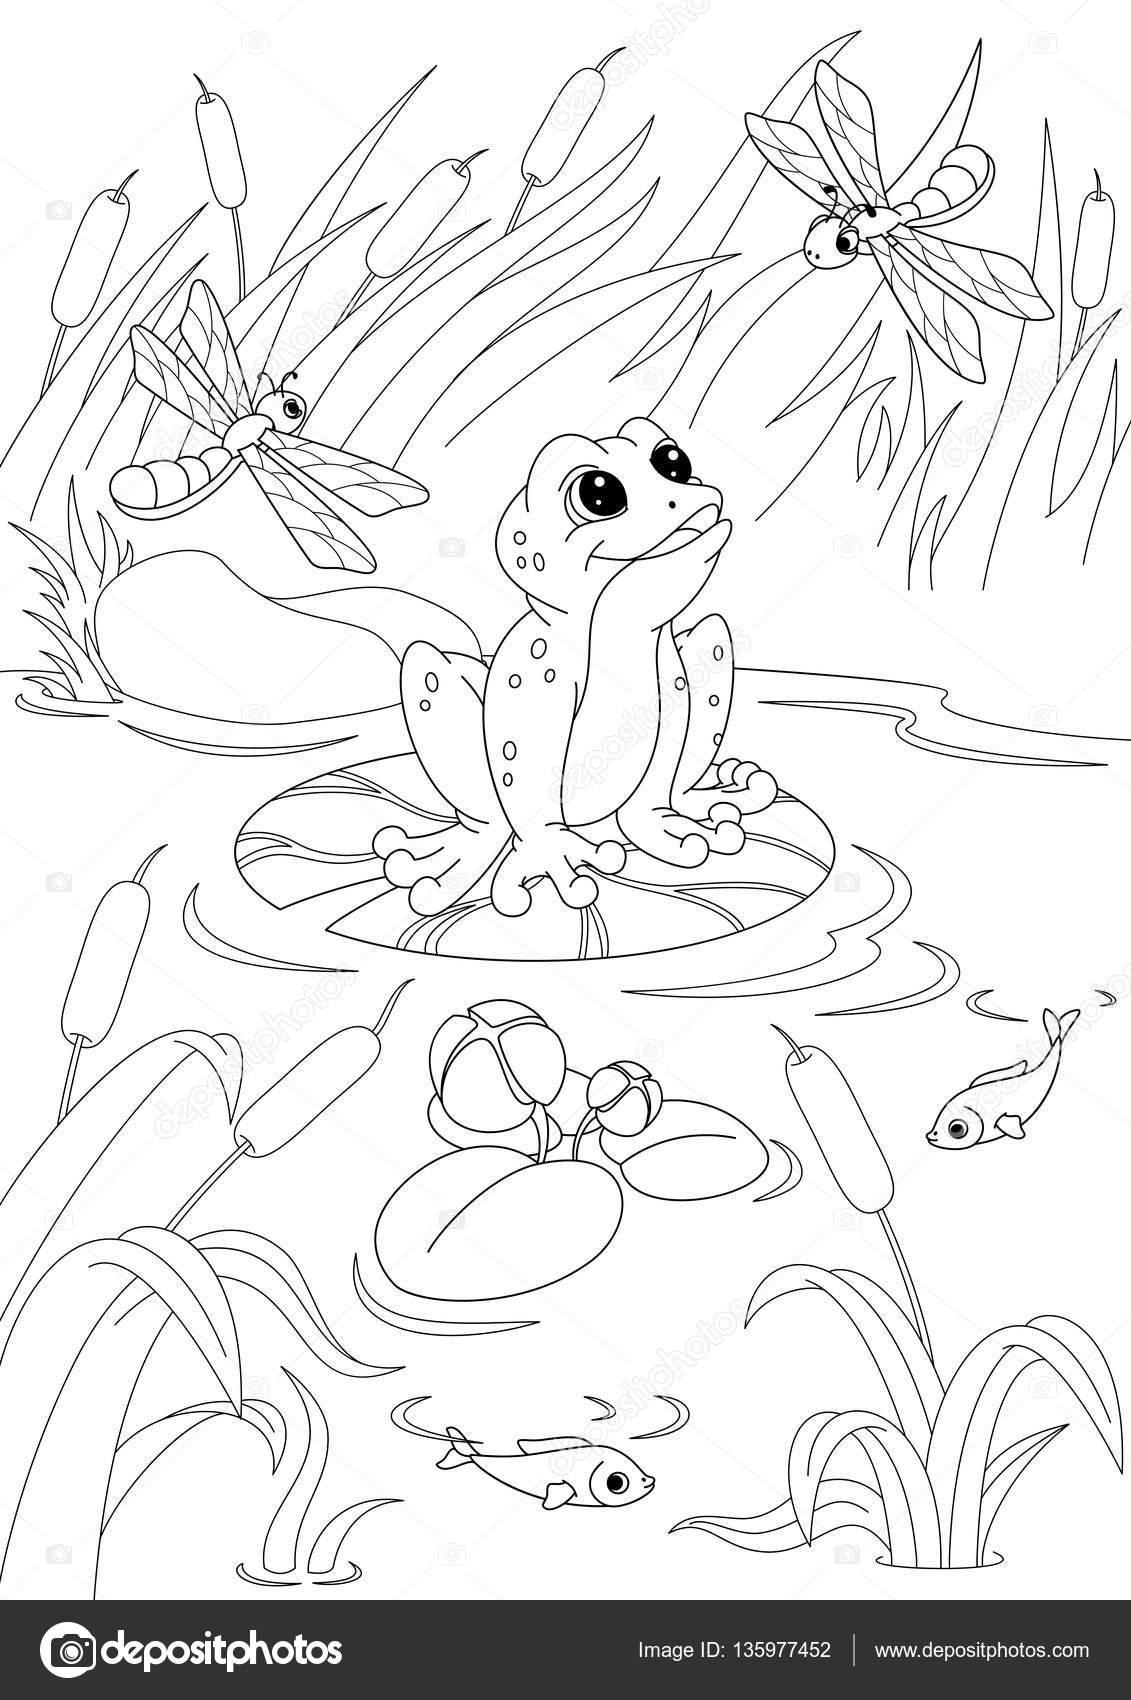 Malvorlage Teich Mit Frosch